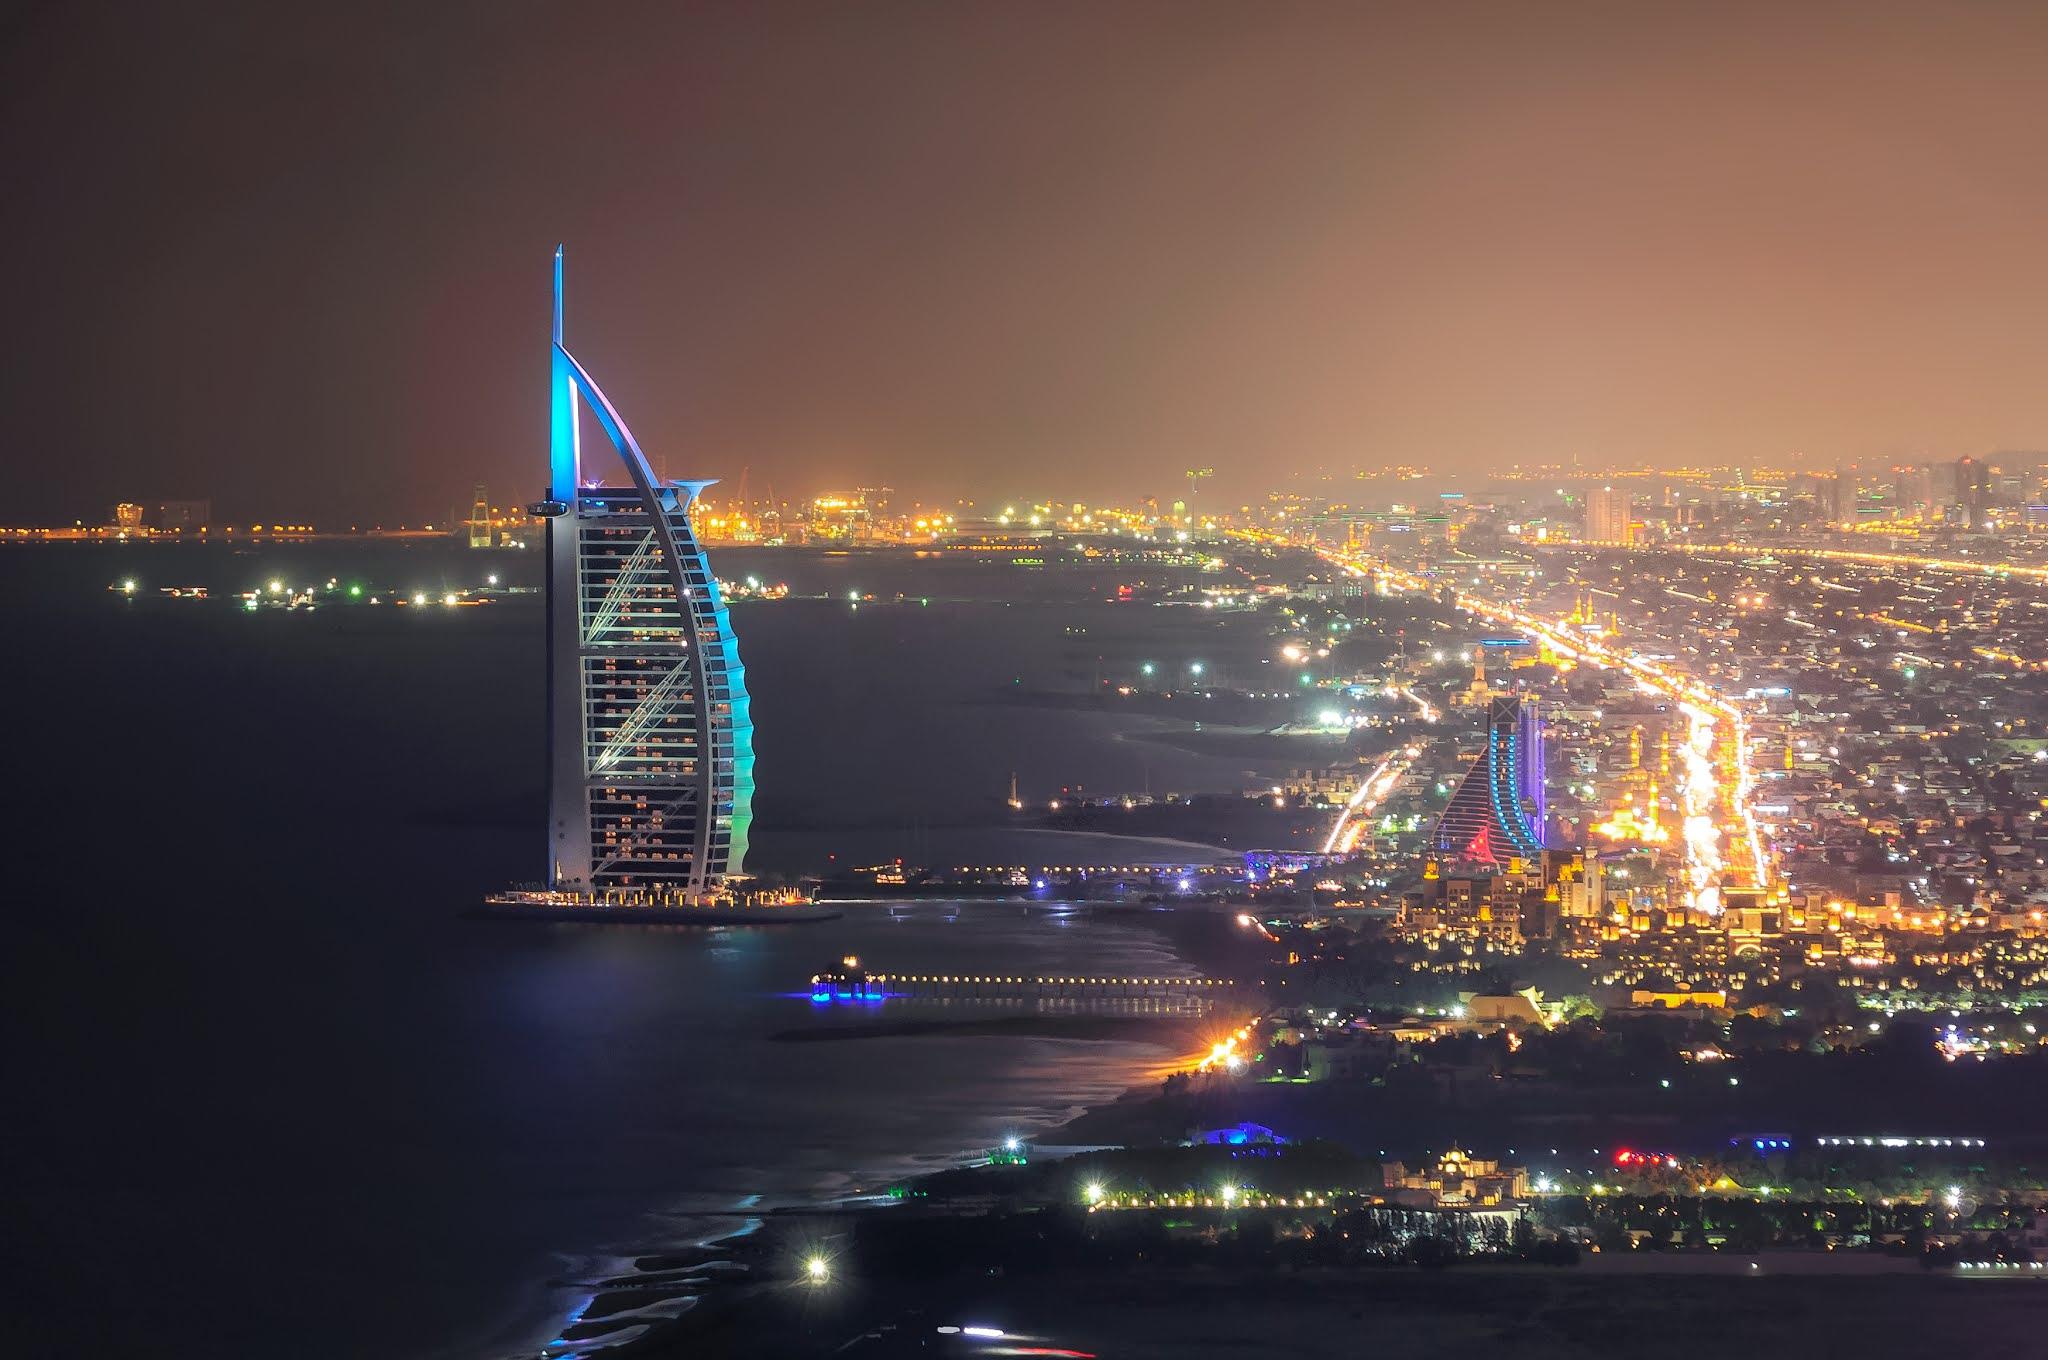 عروض عطلة العيد التنافسية في إمارة دبي